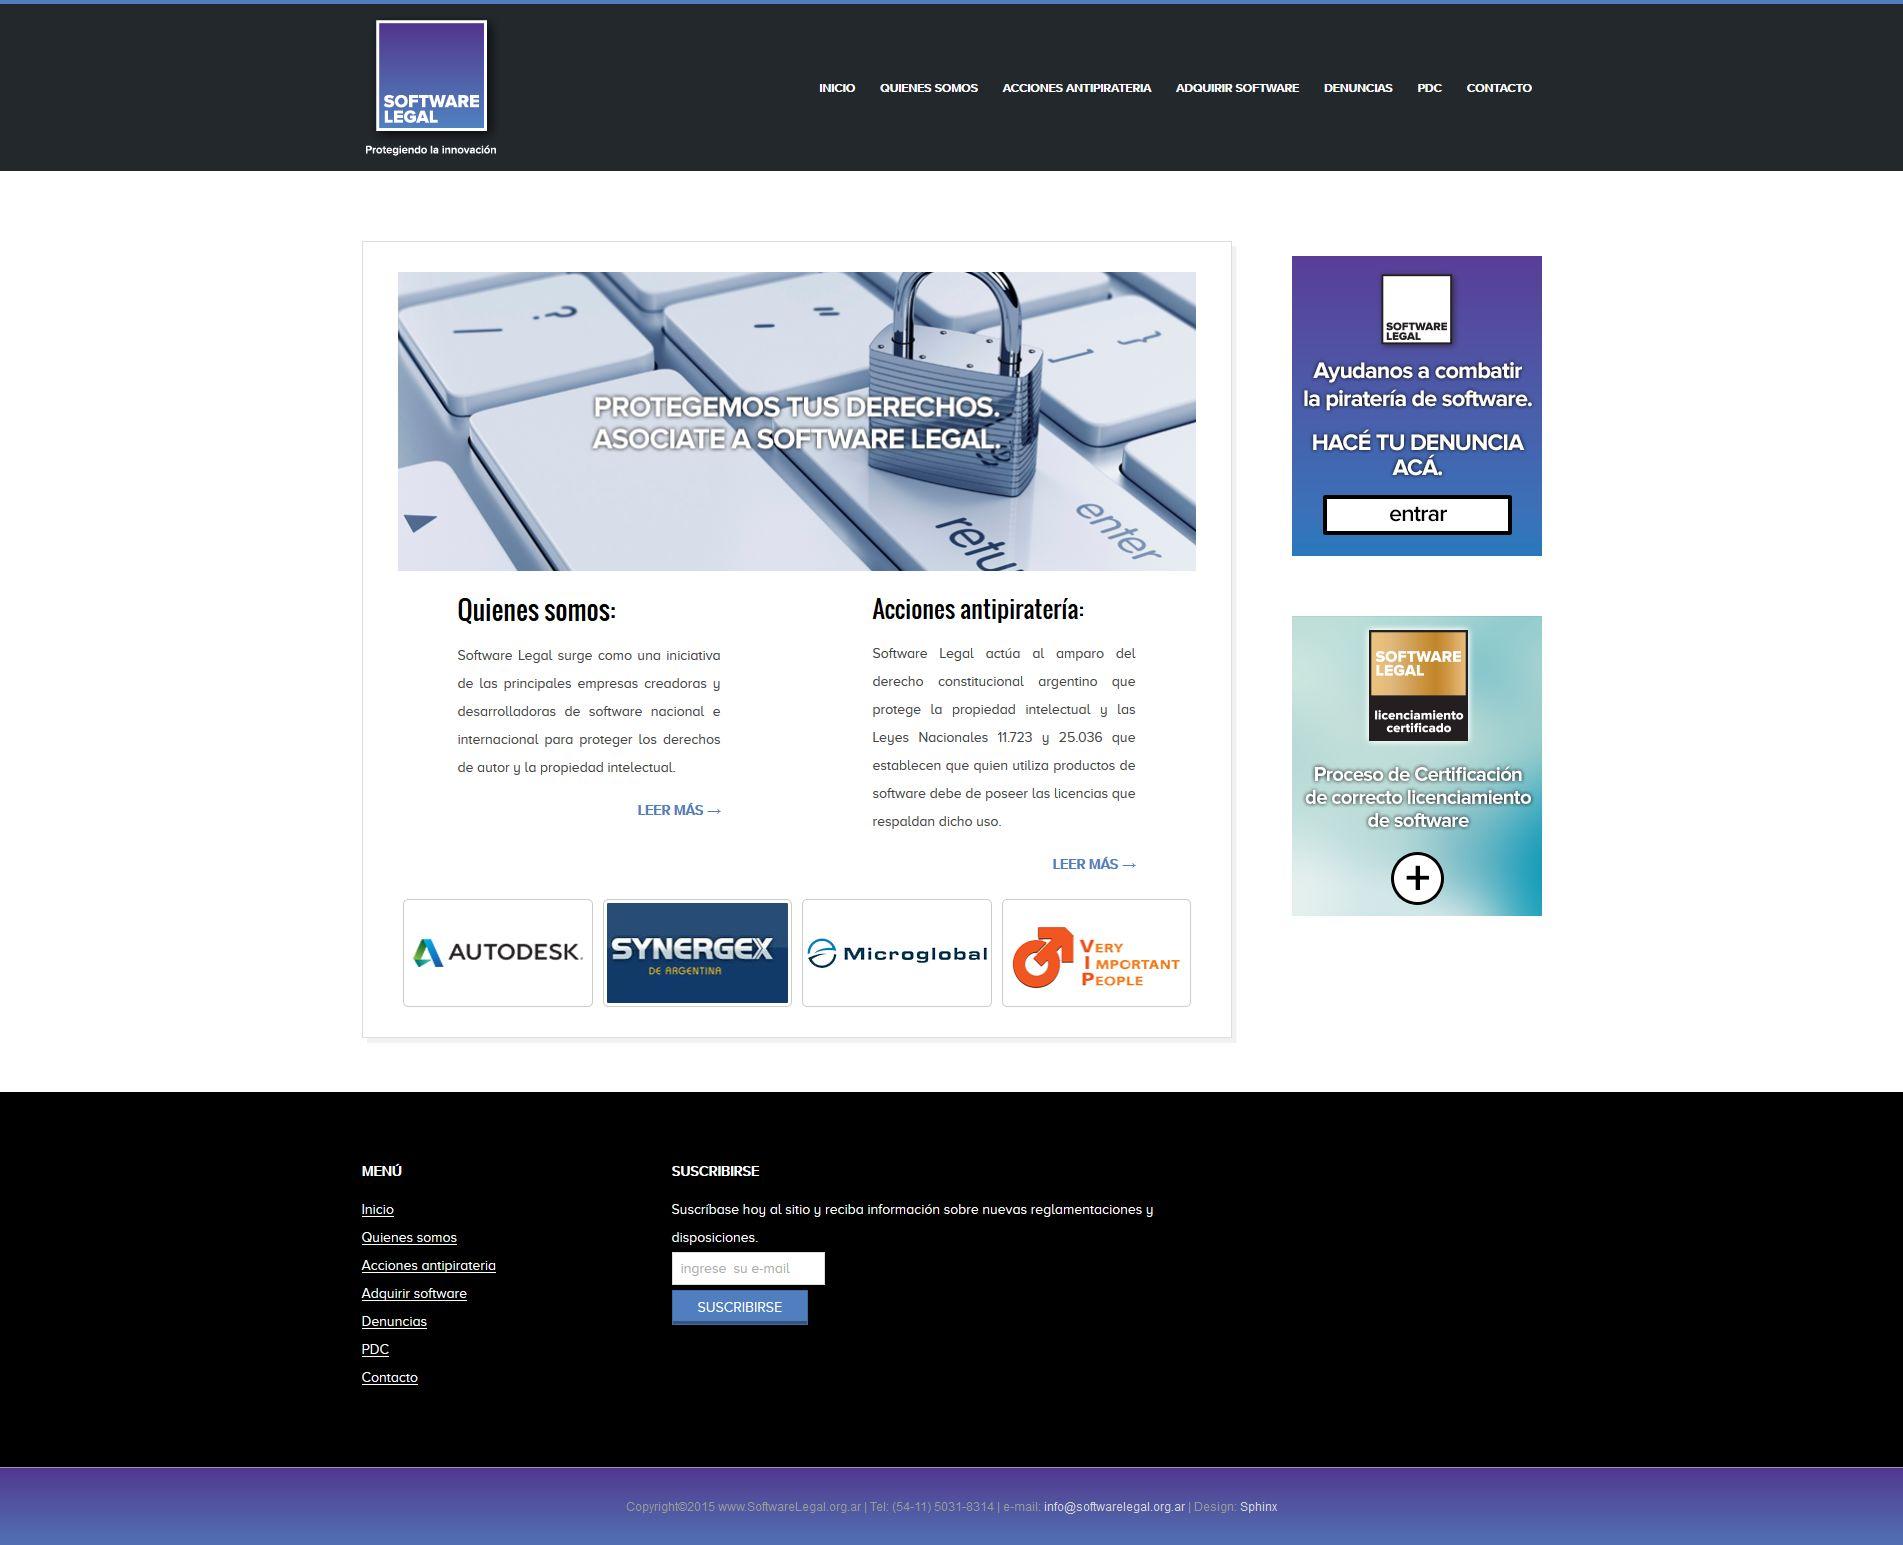 softwarelegal_org_ar2 Portfolio